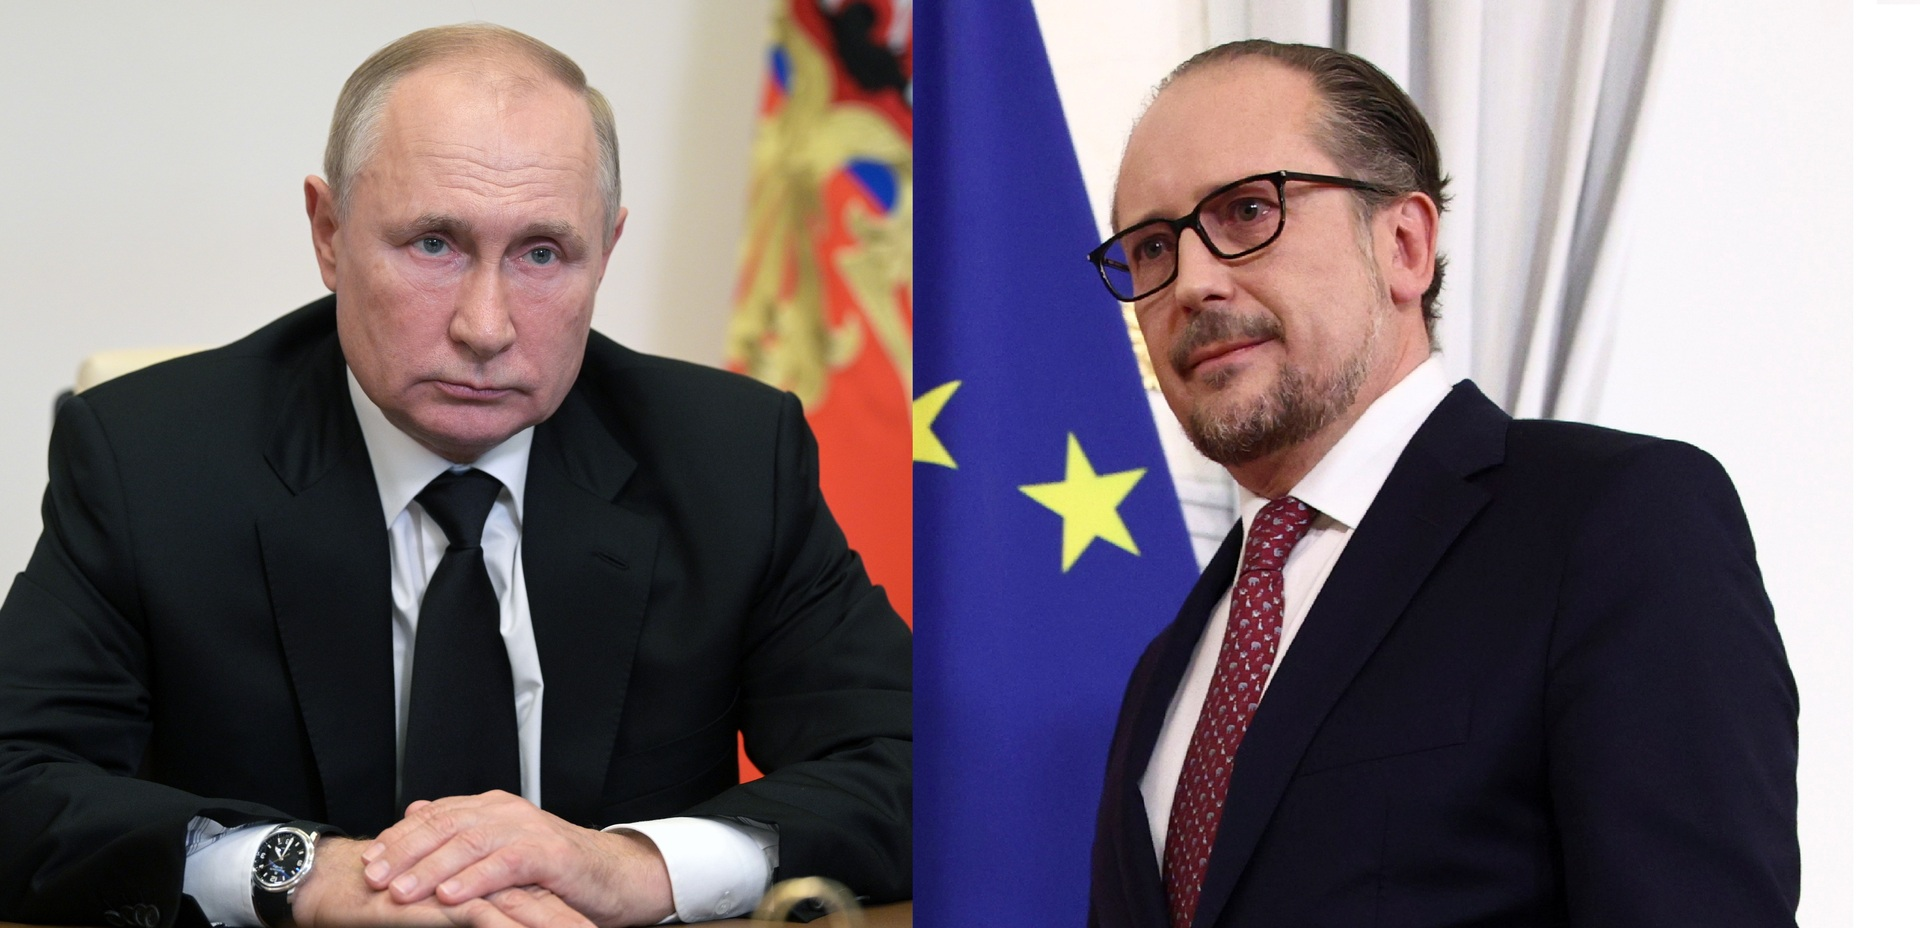 الرئيس الروسي فلاديمير بوتين والمستشار النمساوي الجديد ألكسندر شالنبرغ